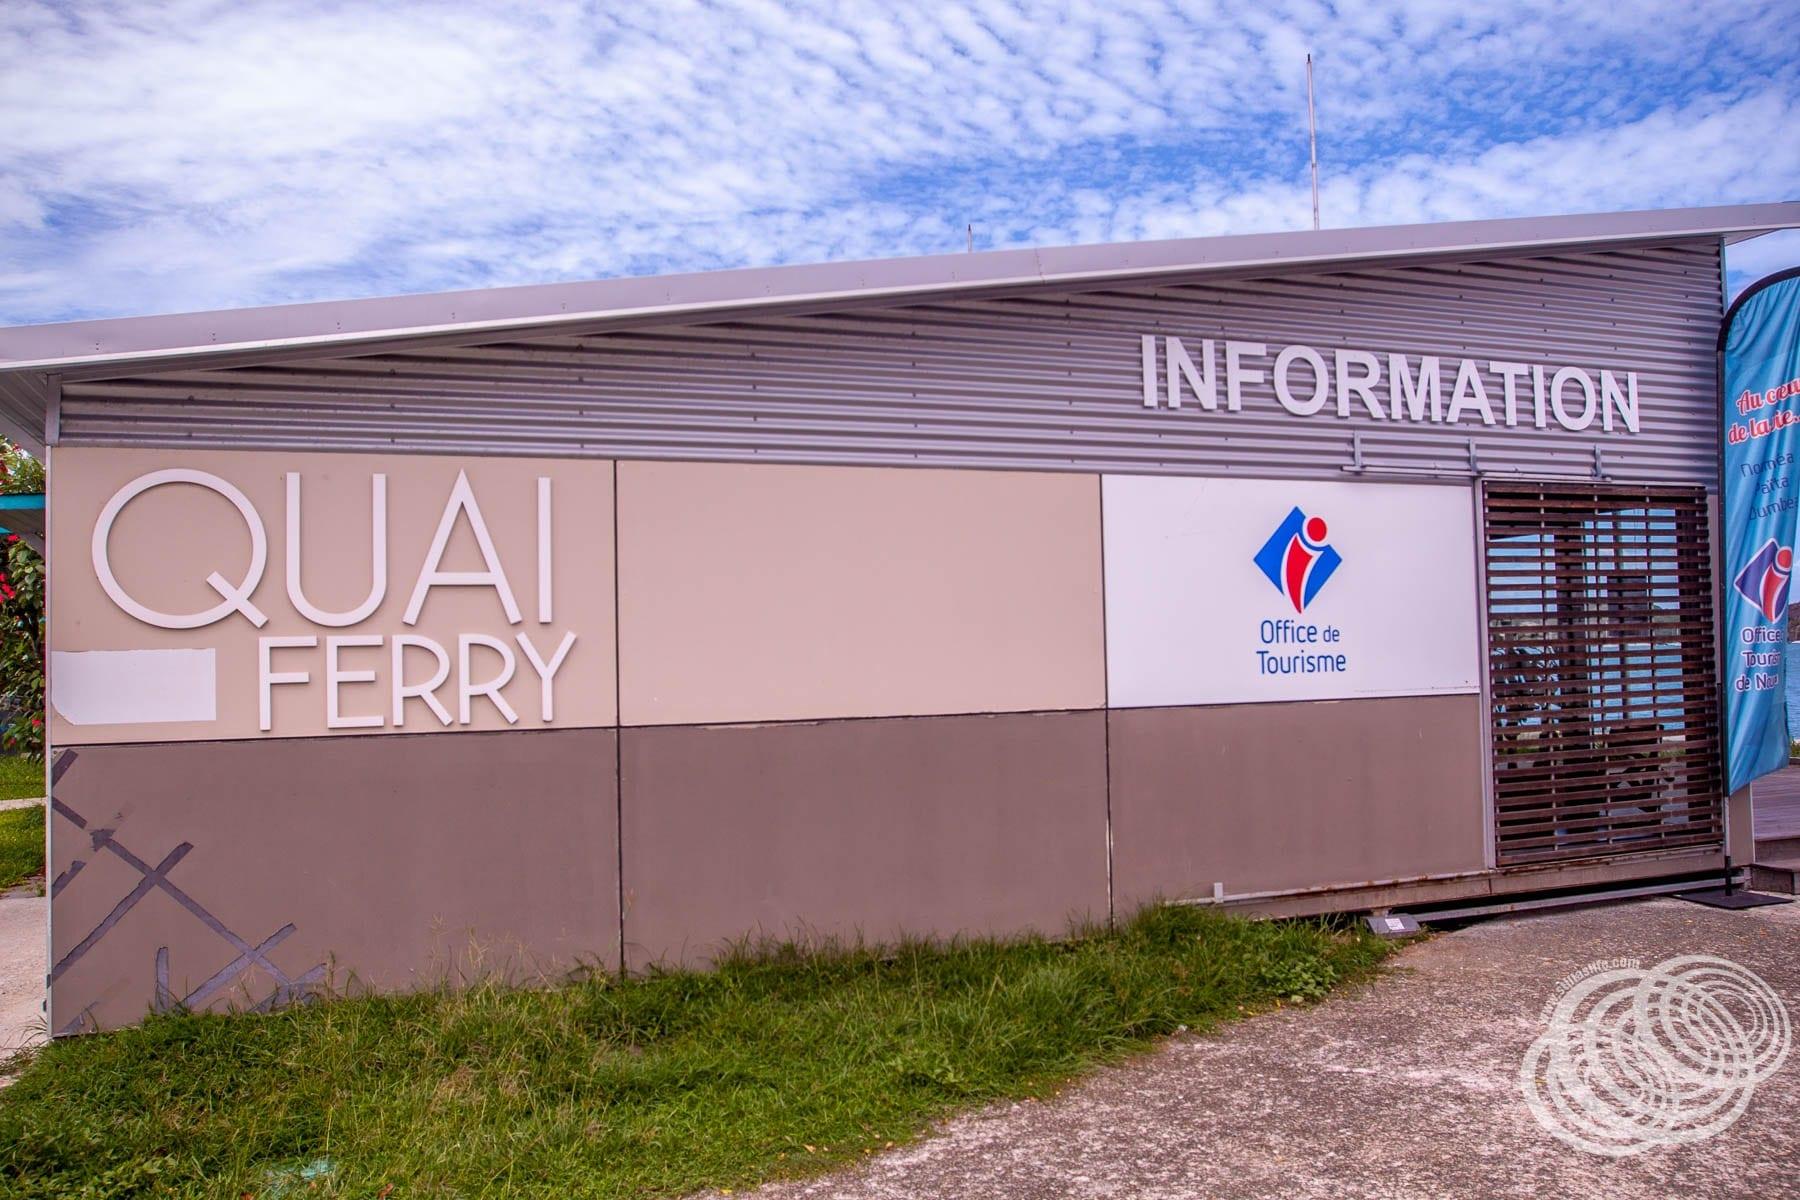 Noumea Tourist Information Centre